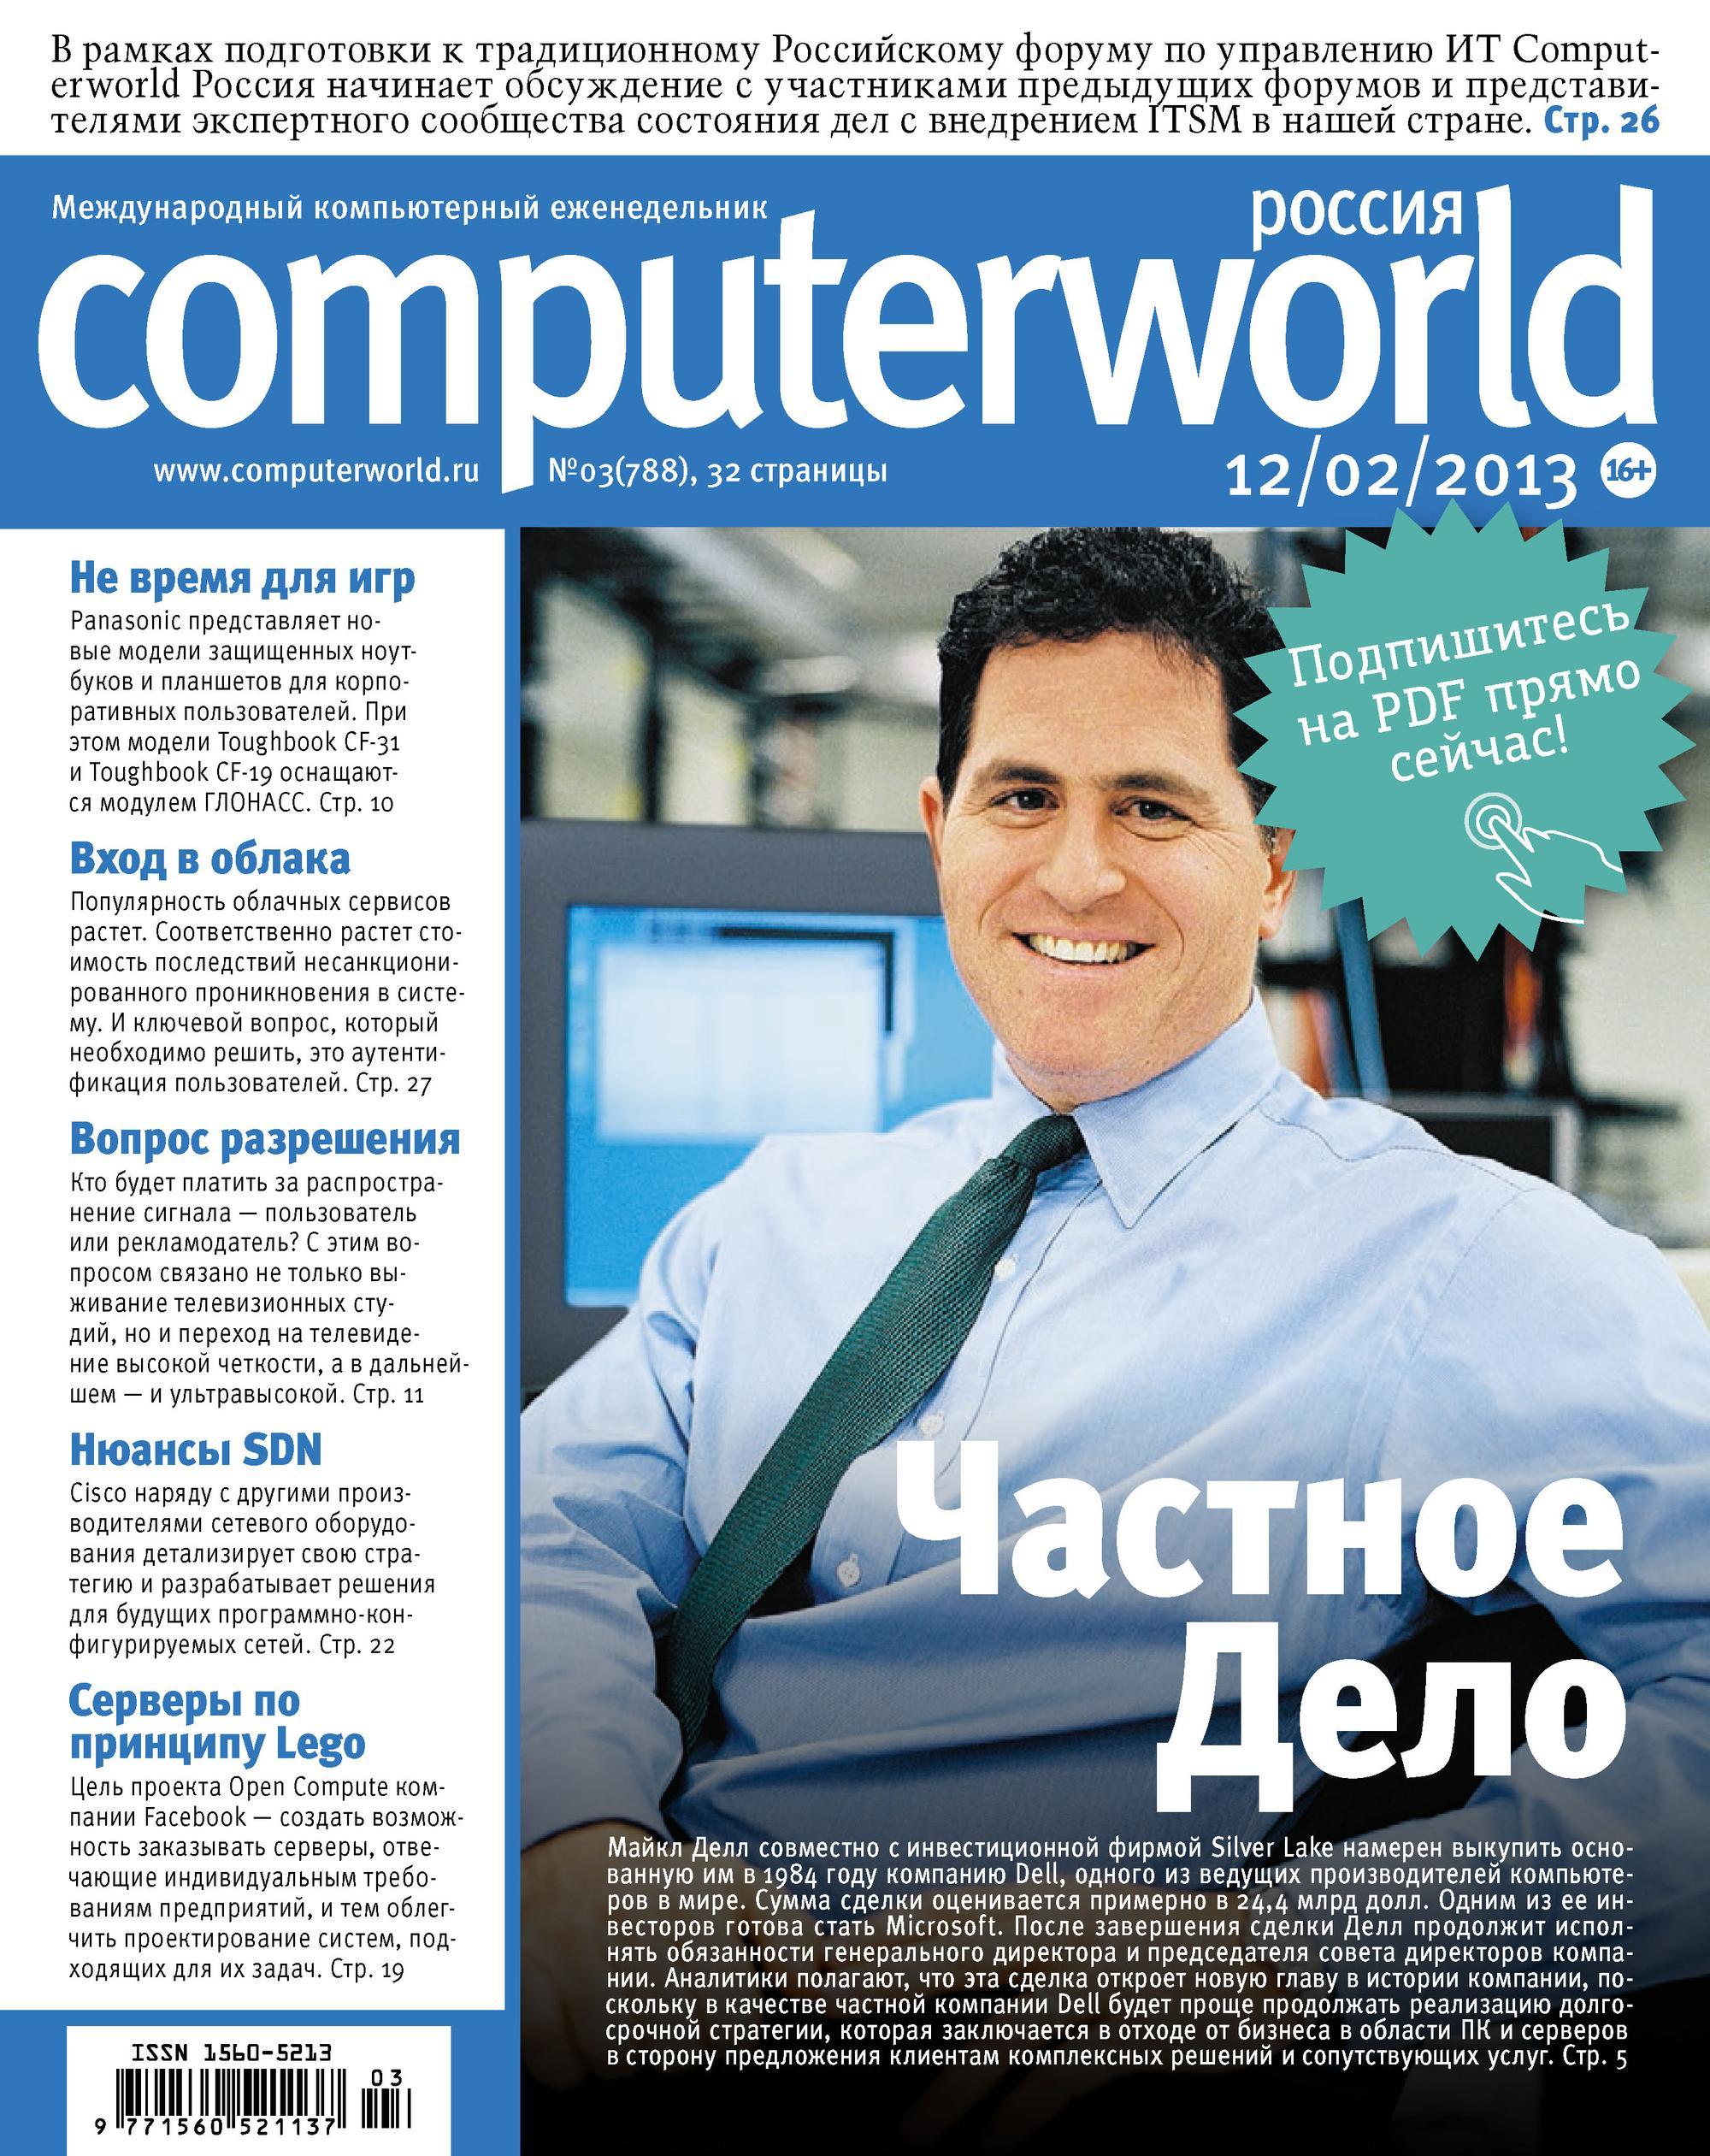 Фото - Открытые системы Журнал Computerworld Россия №03/2013 серверы